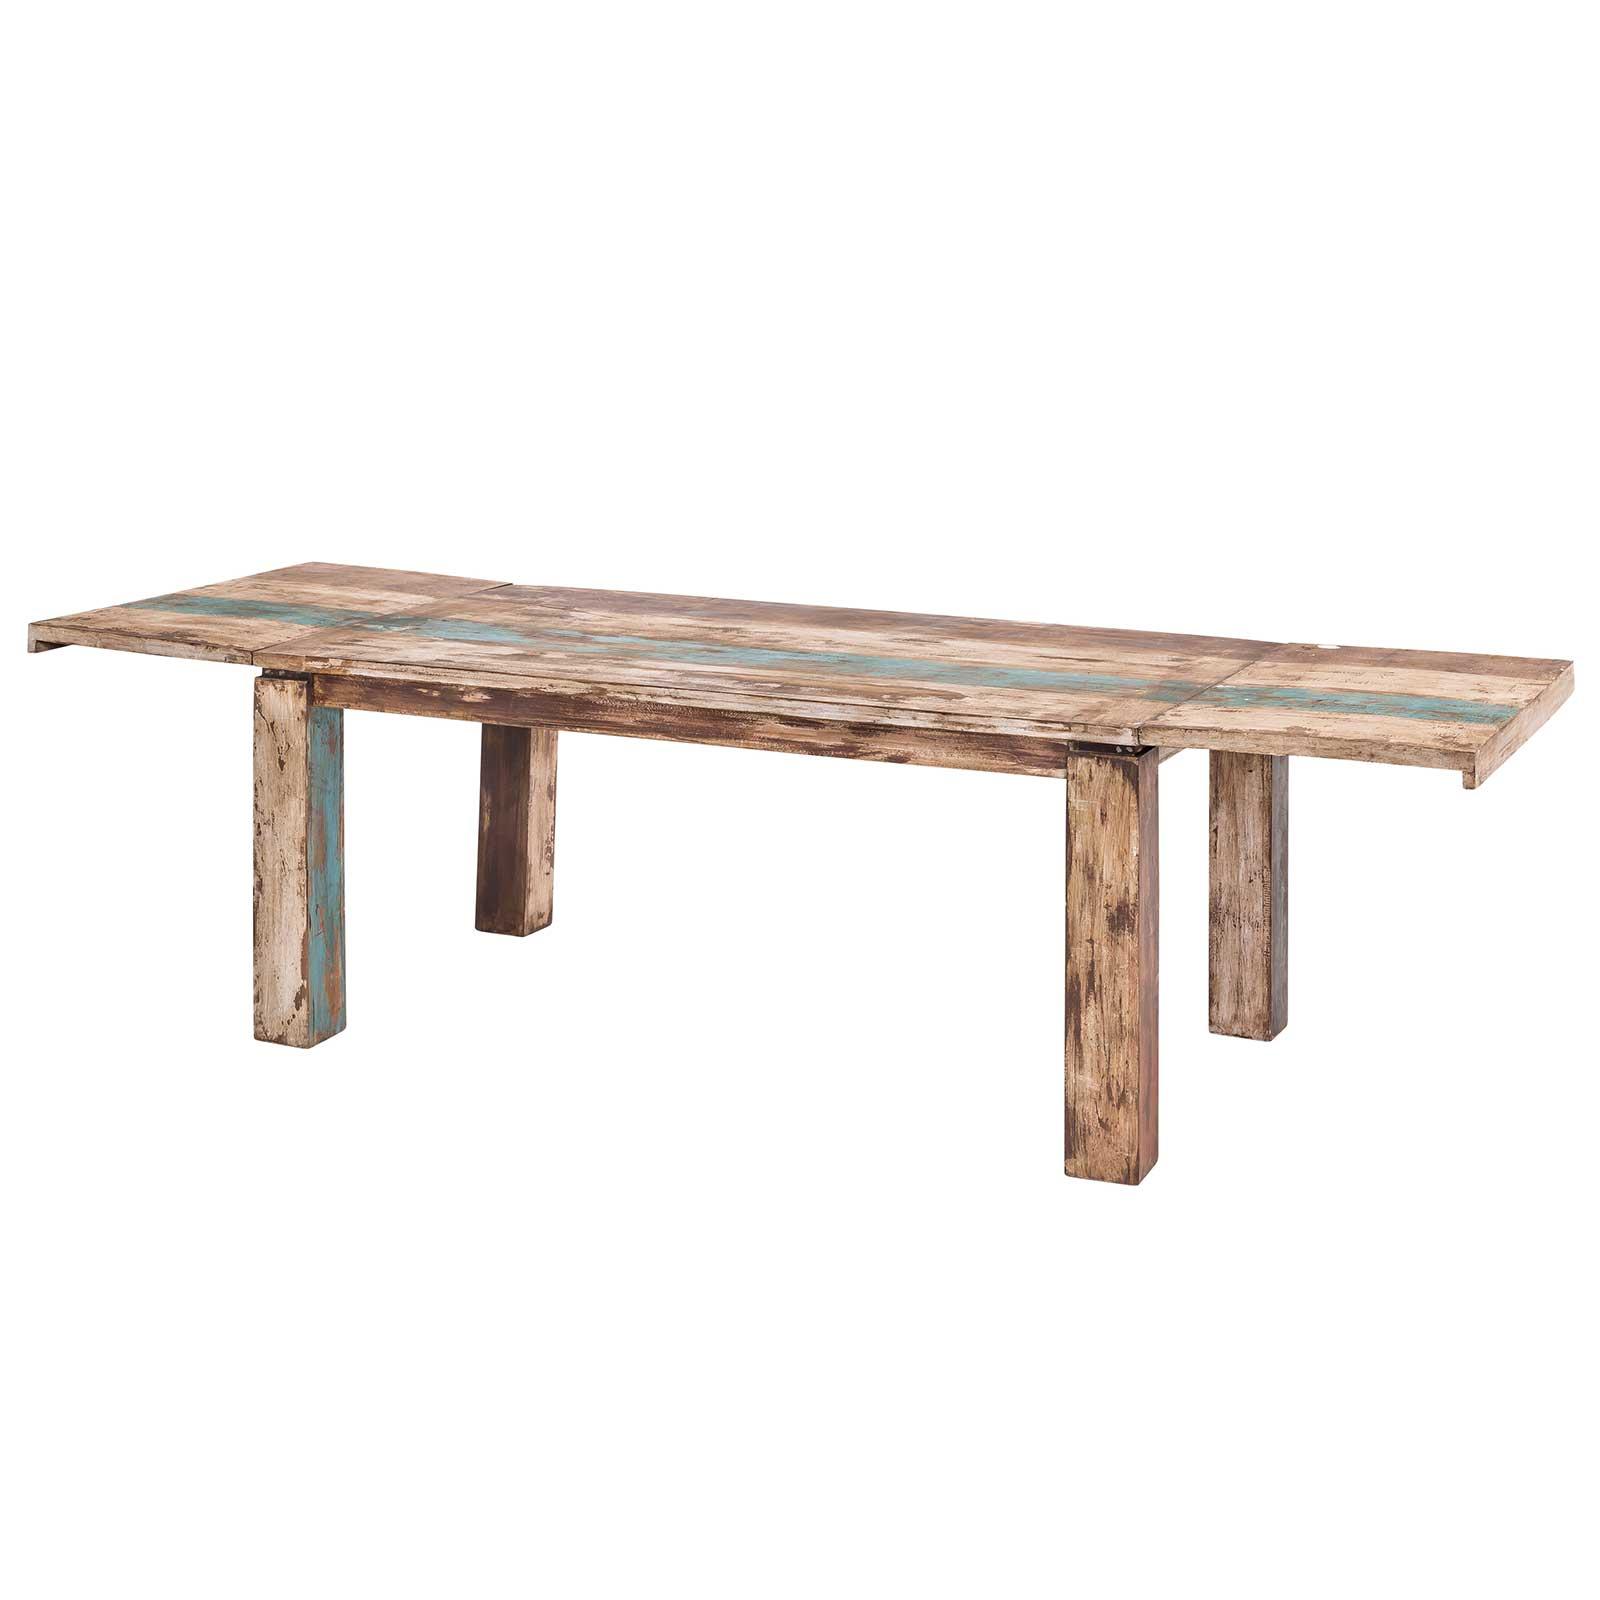 esstisch-largo-160-260-cm-aus-massivholz-im-vintage-look-ansteckplatten